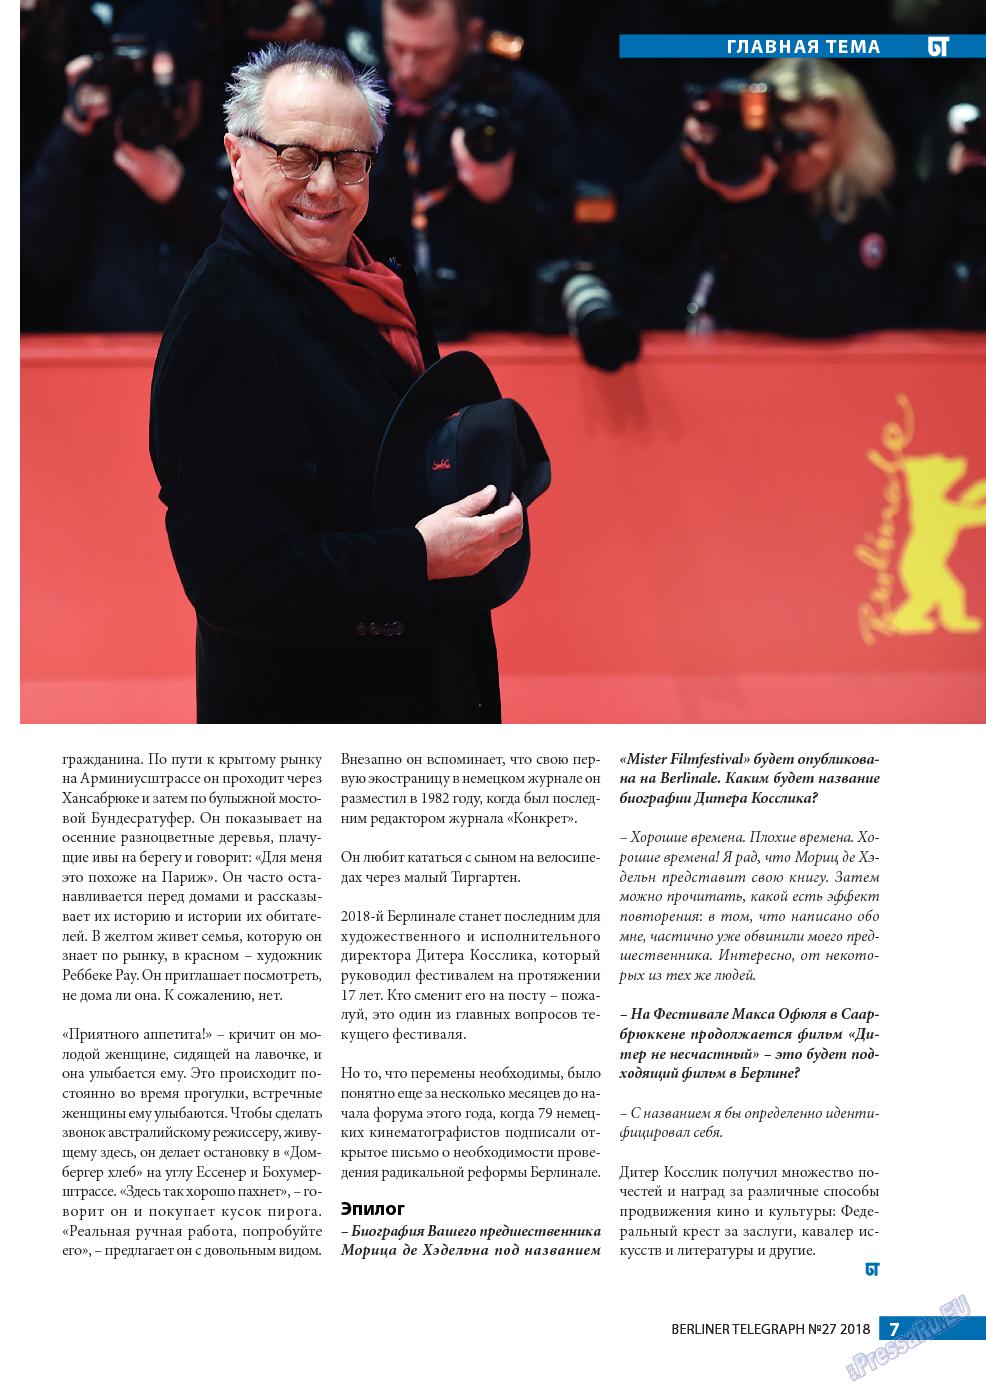 Берлинский телеграф (журнал). 2018 год, номер 27, стр. 7